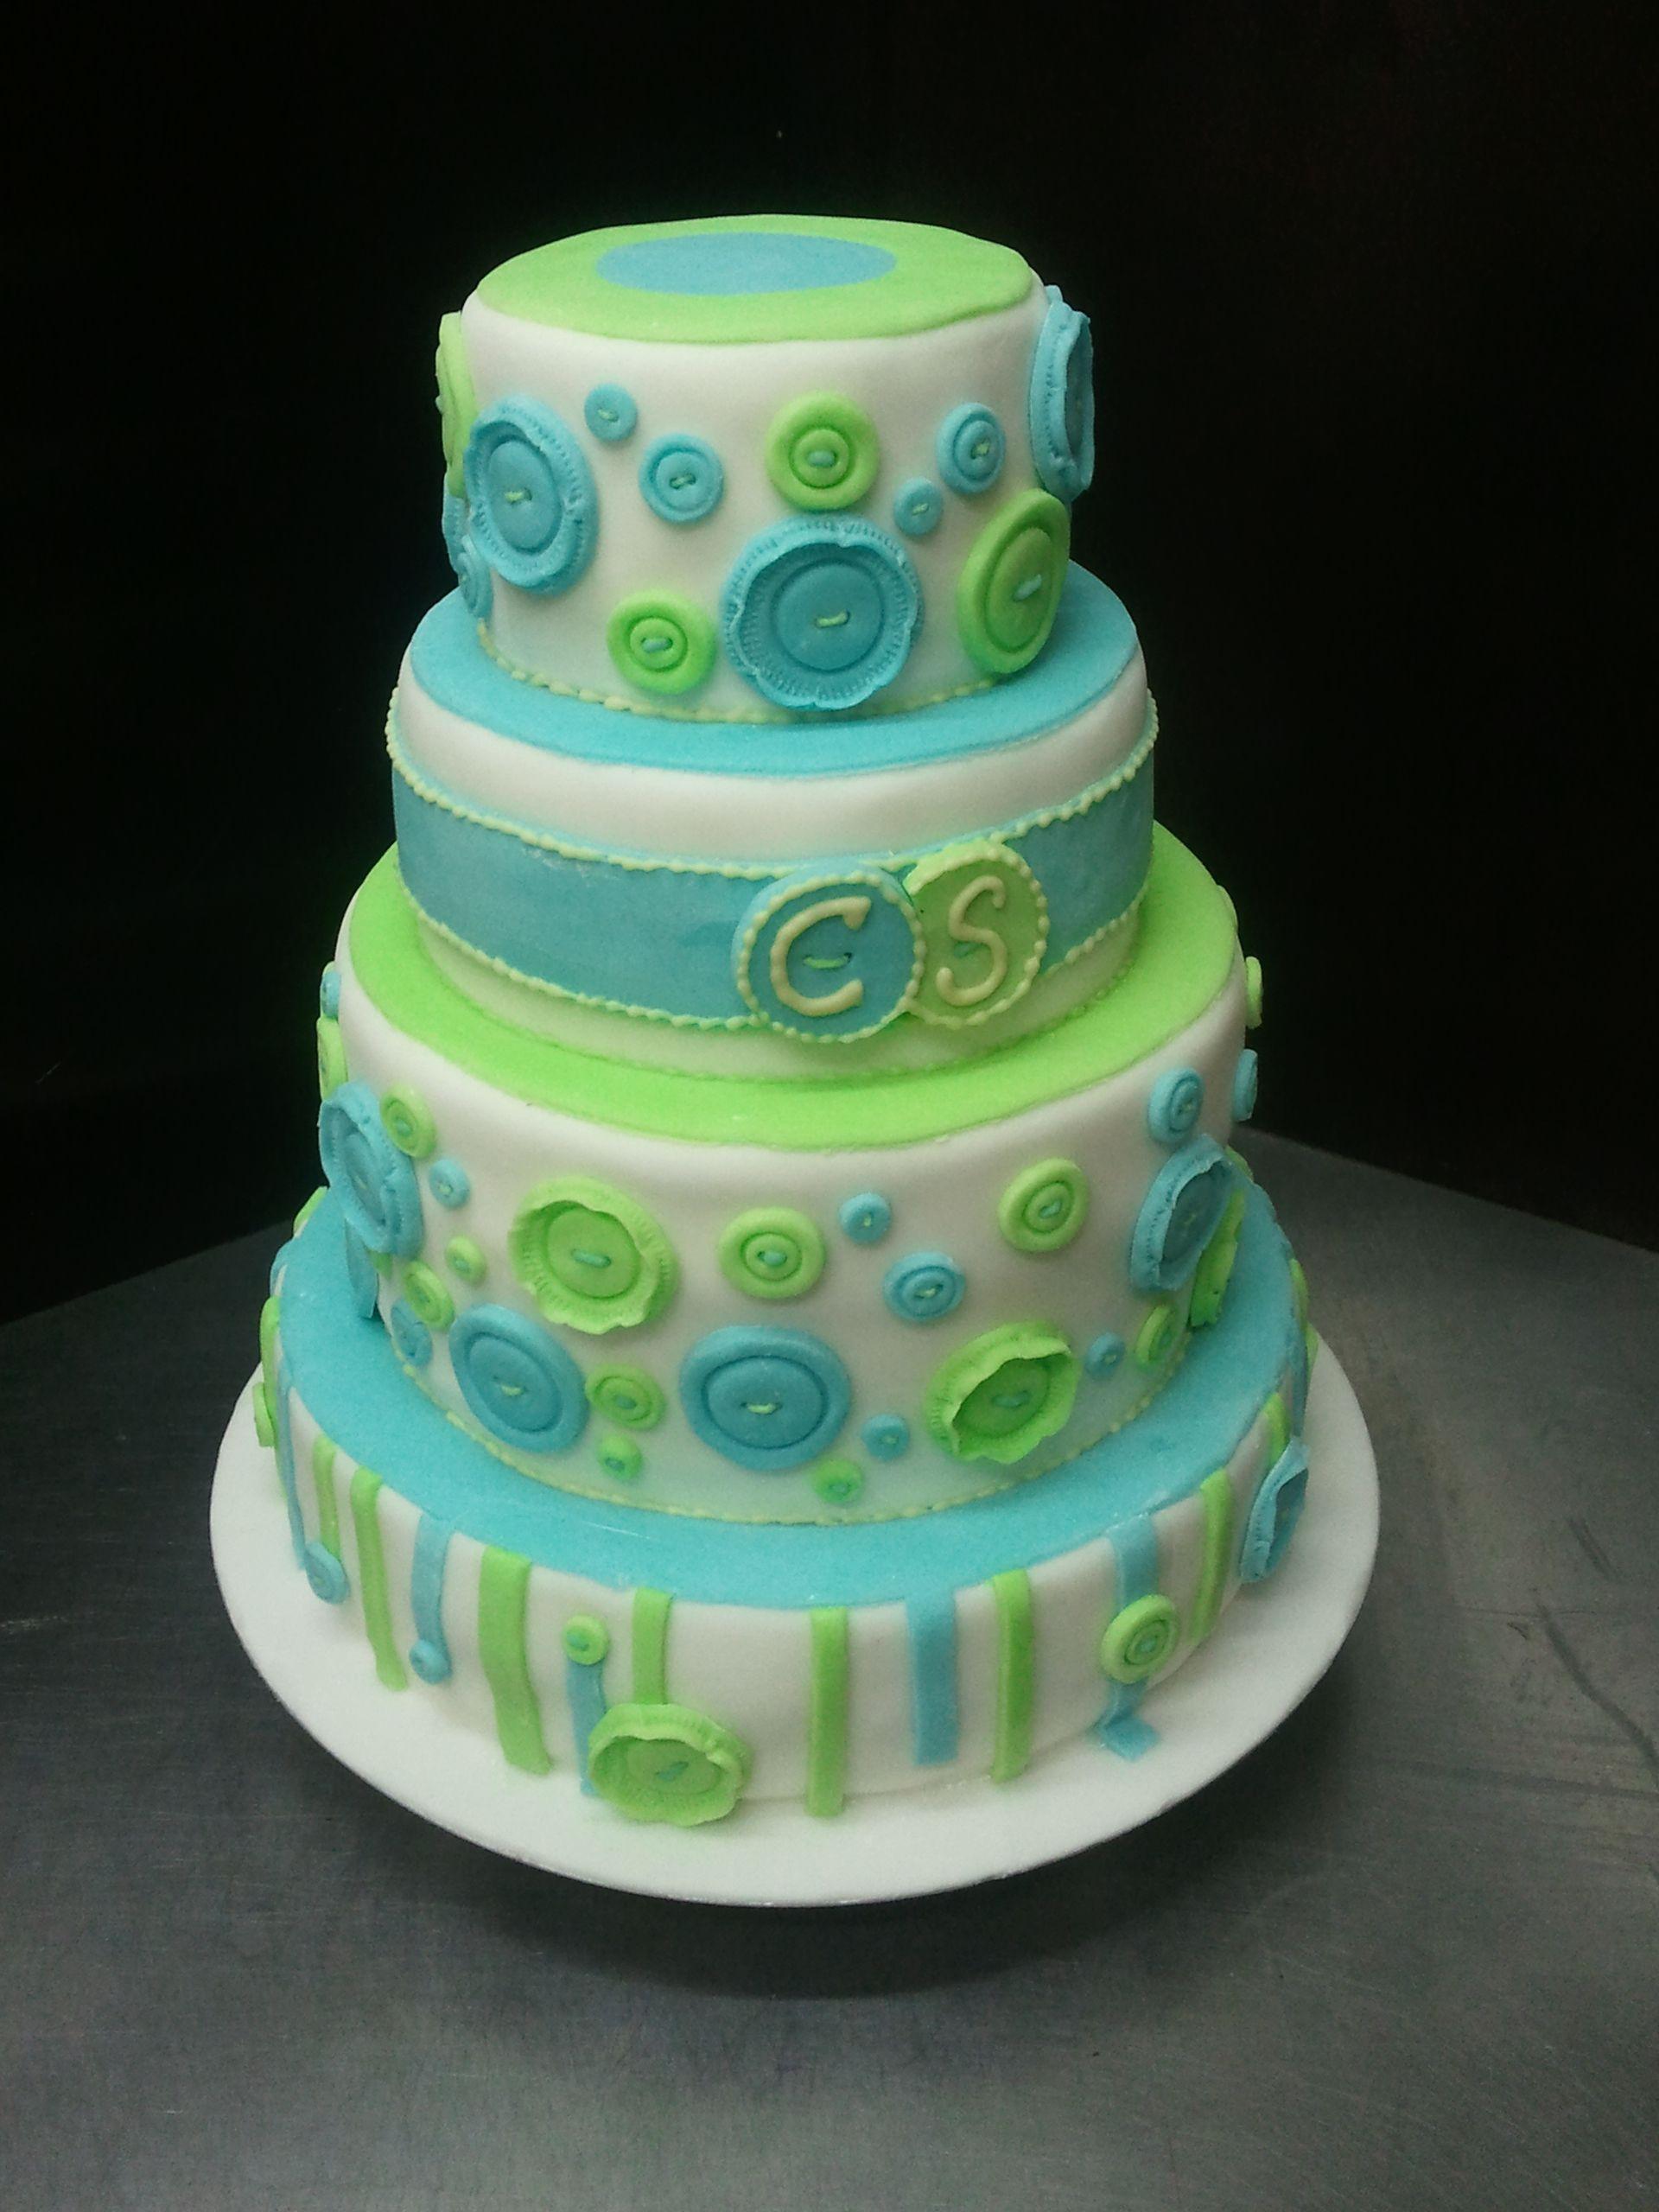 Knopf Hochzeitstorte Torten Cakes More In Leipzig Pinterest